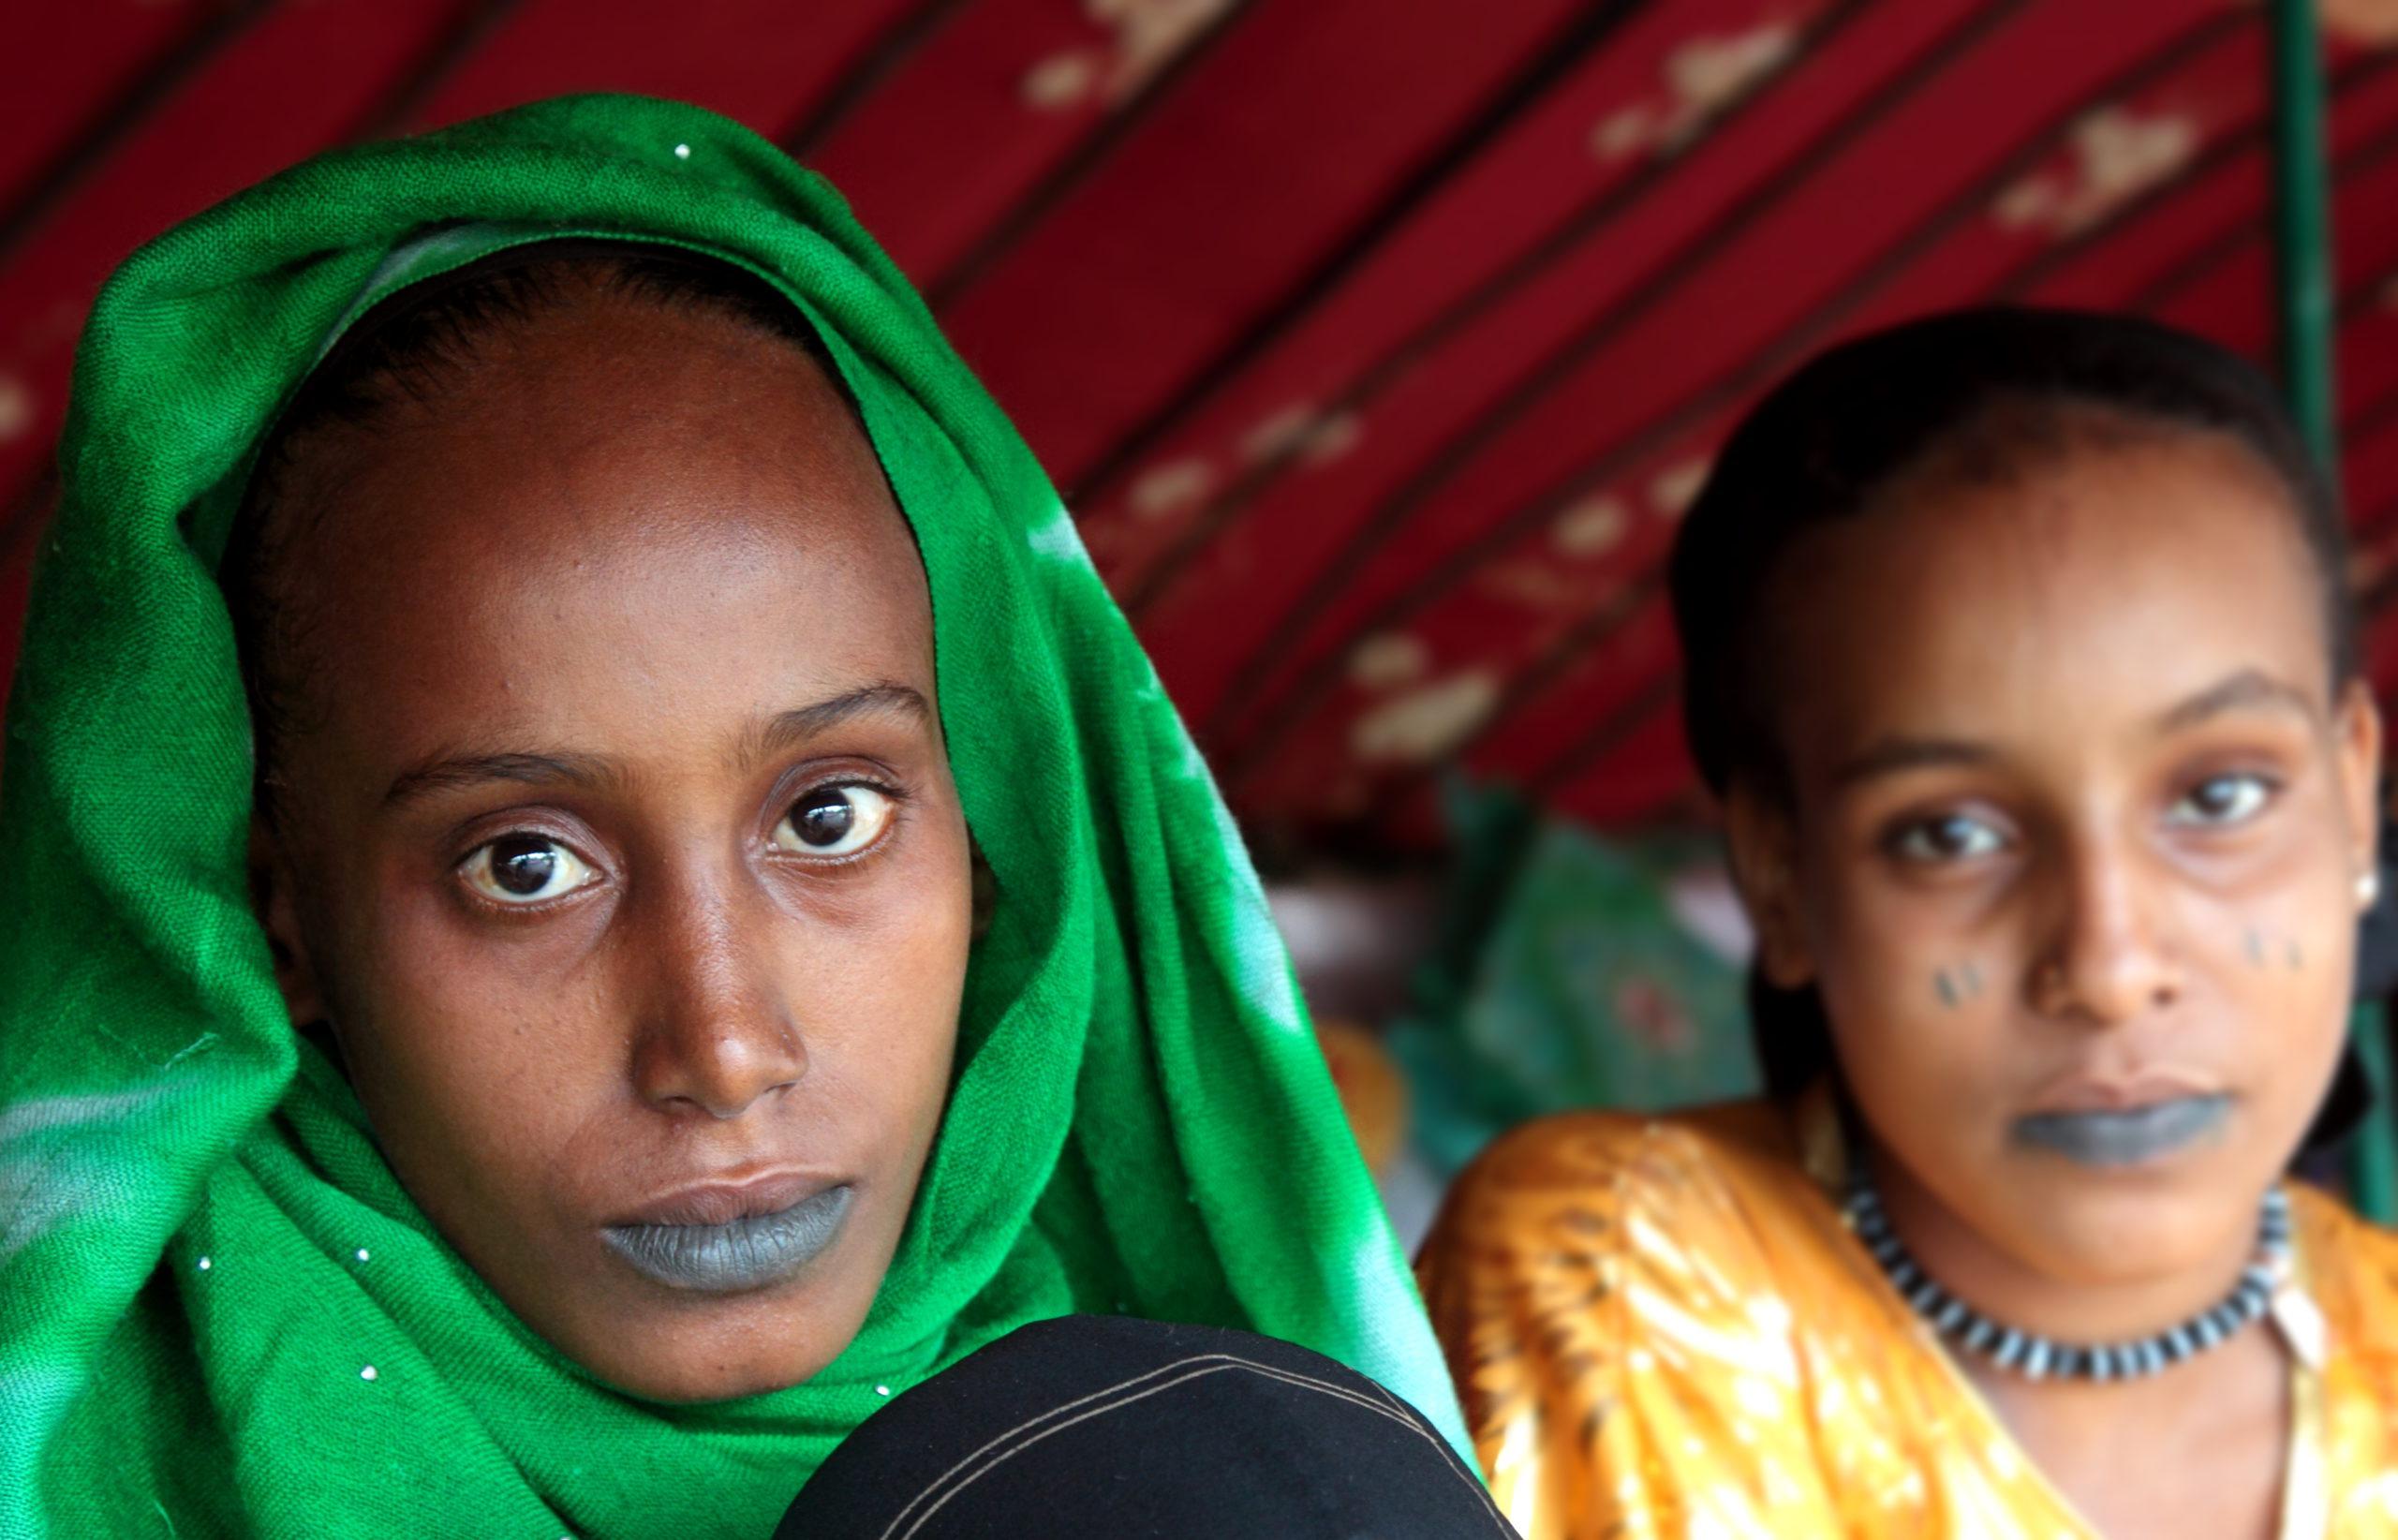 Гендерное неравенство: топ-10 худших стран по уровню равноправия полов